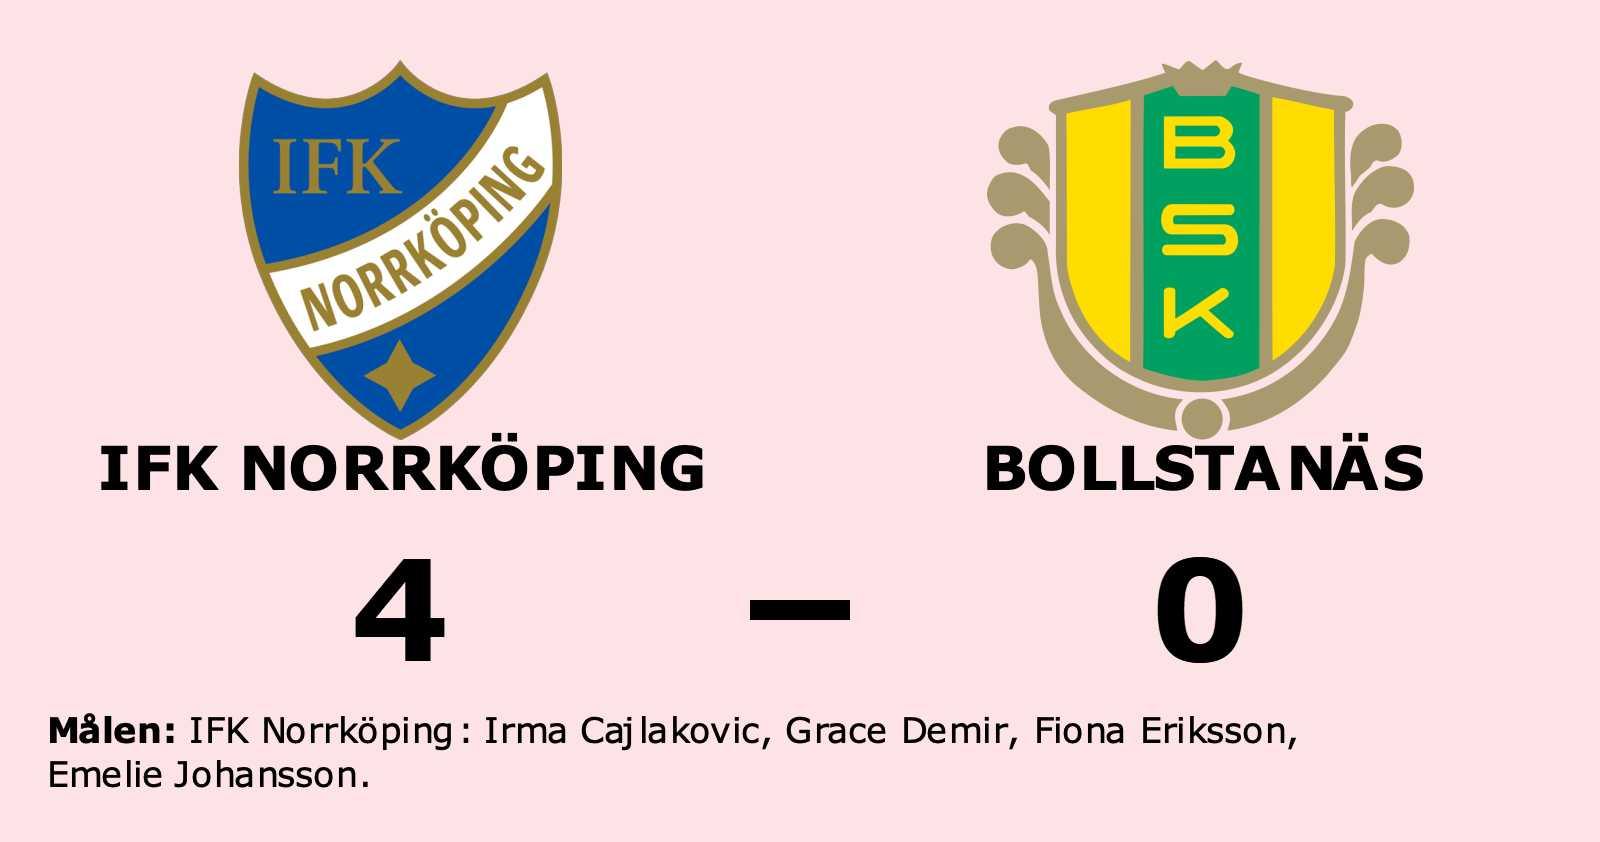 IFK Norrköping bröt tunga sviten mot Bollstanäs